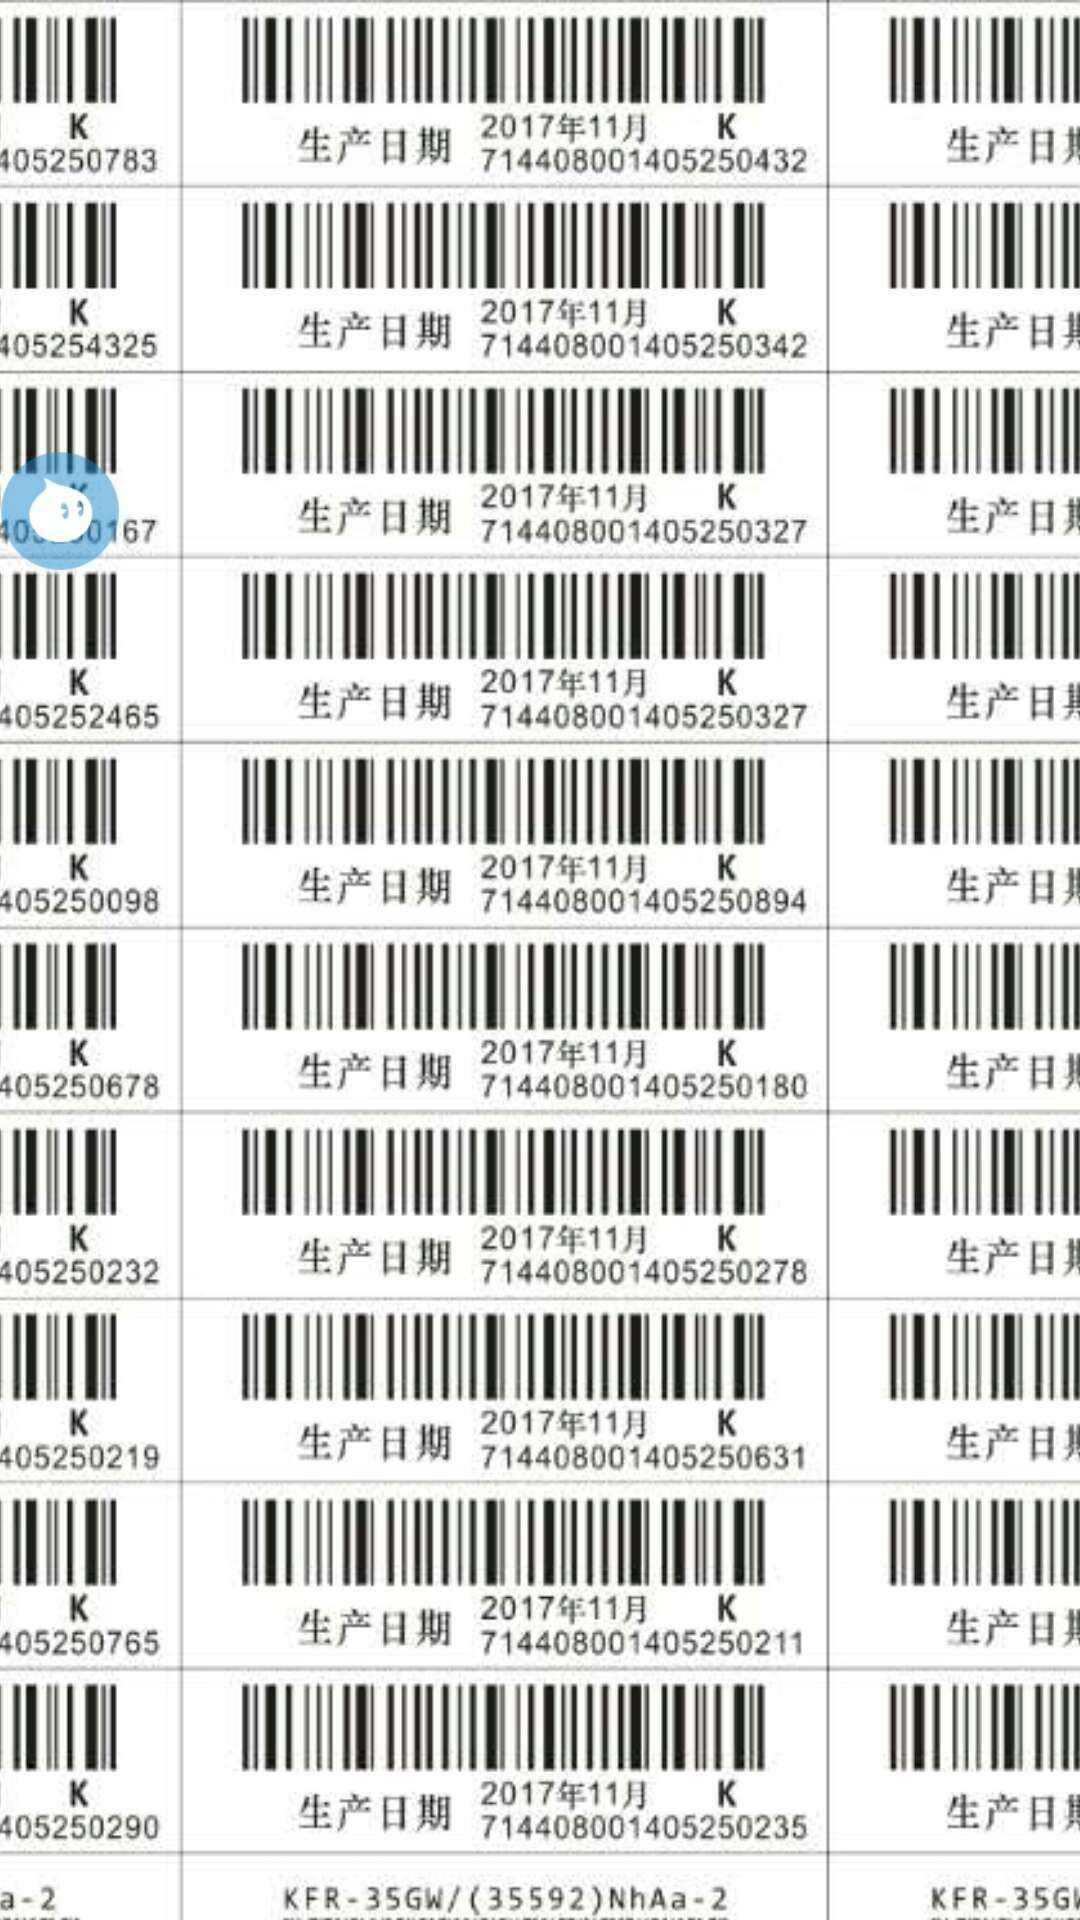 Большой размер дата штрих кондиционер этикетка наклейки производить дата штрих 15 год -2018 год